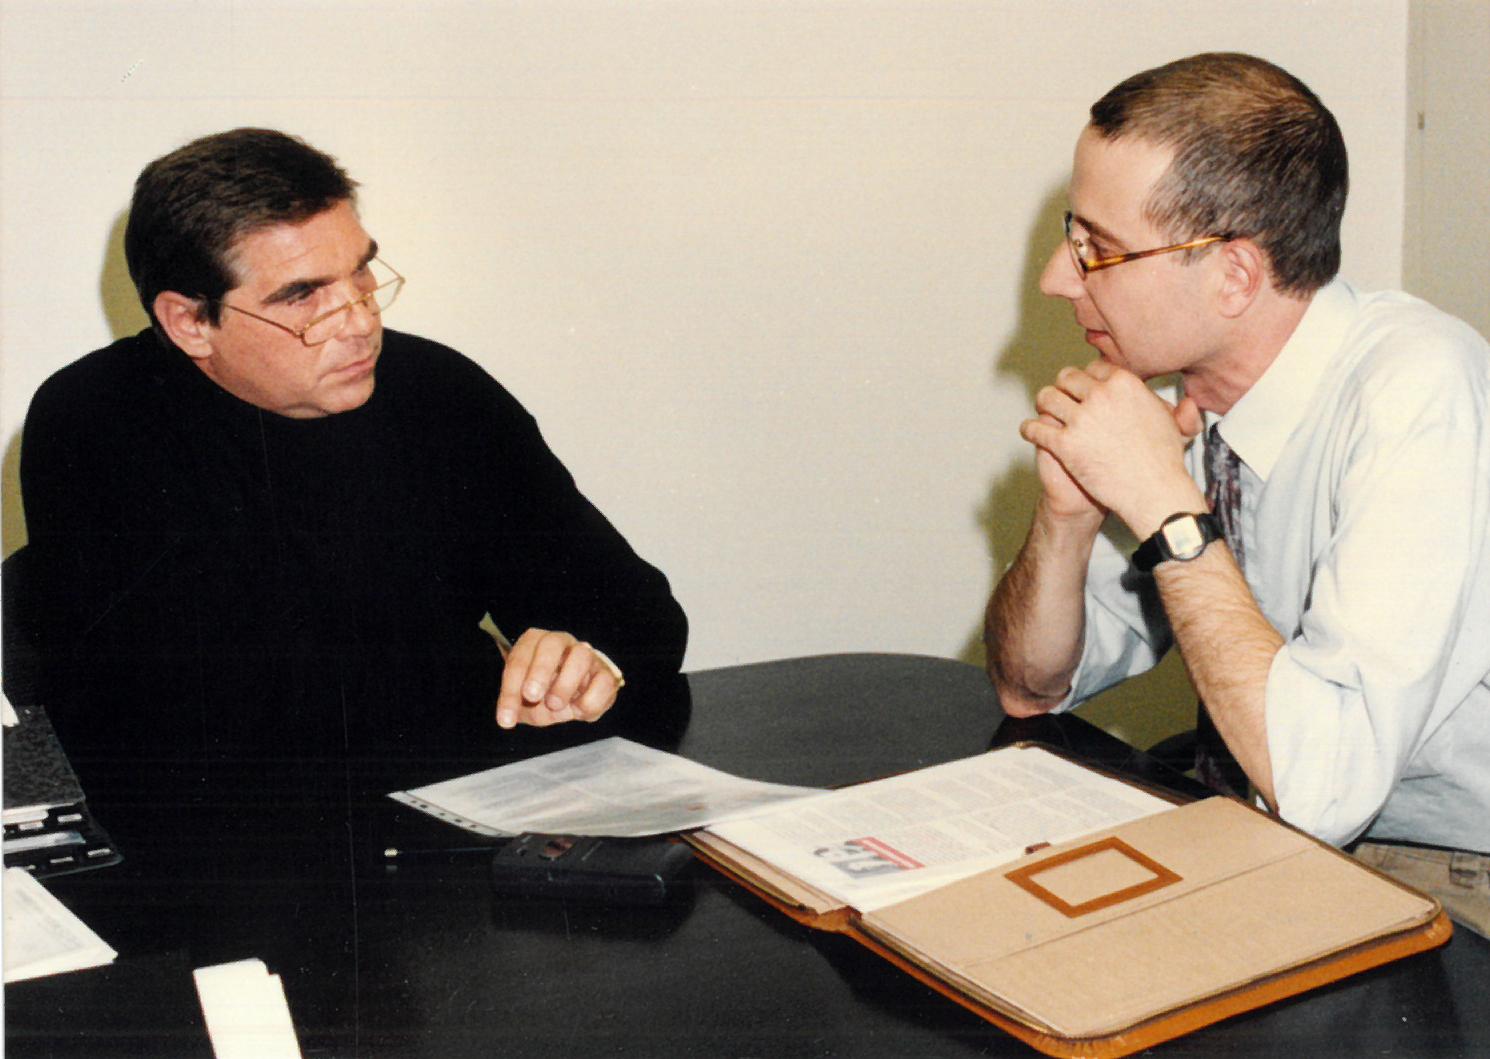 Bernd Hinners (Vorstandsvorsitzender), Andreas Prautsch (stv. Abteilungsleiter Marketing | Kommunikation), Vorbereitung Jahrespressekonferenz - Sparkasse Wittenberg 1997